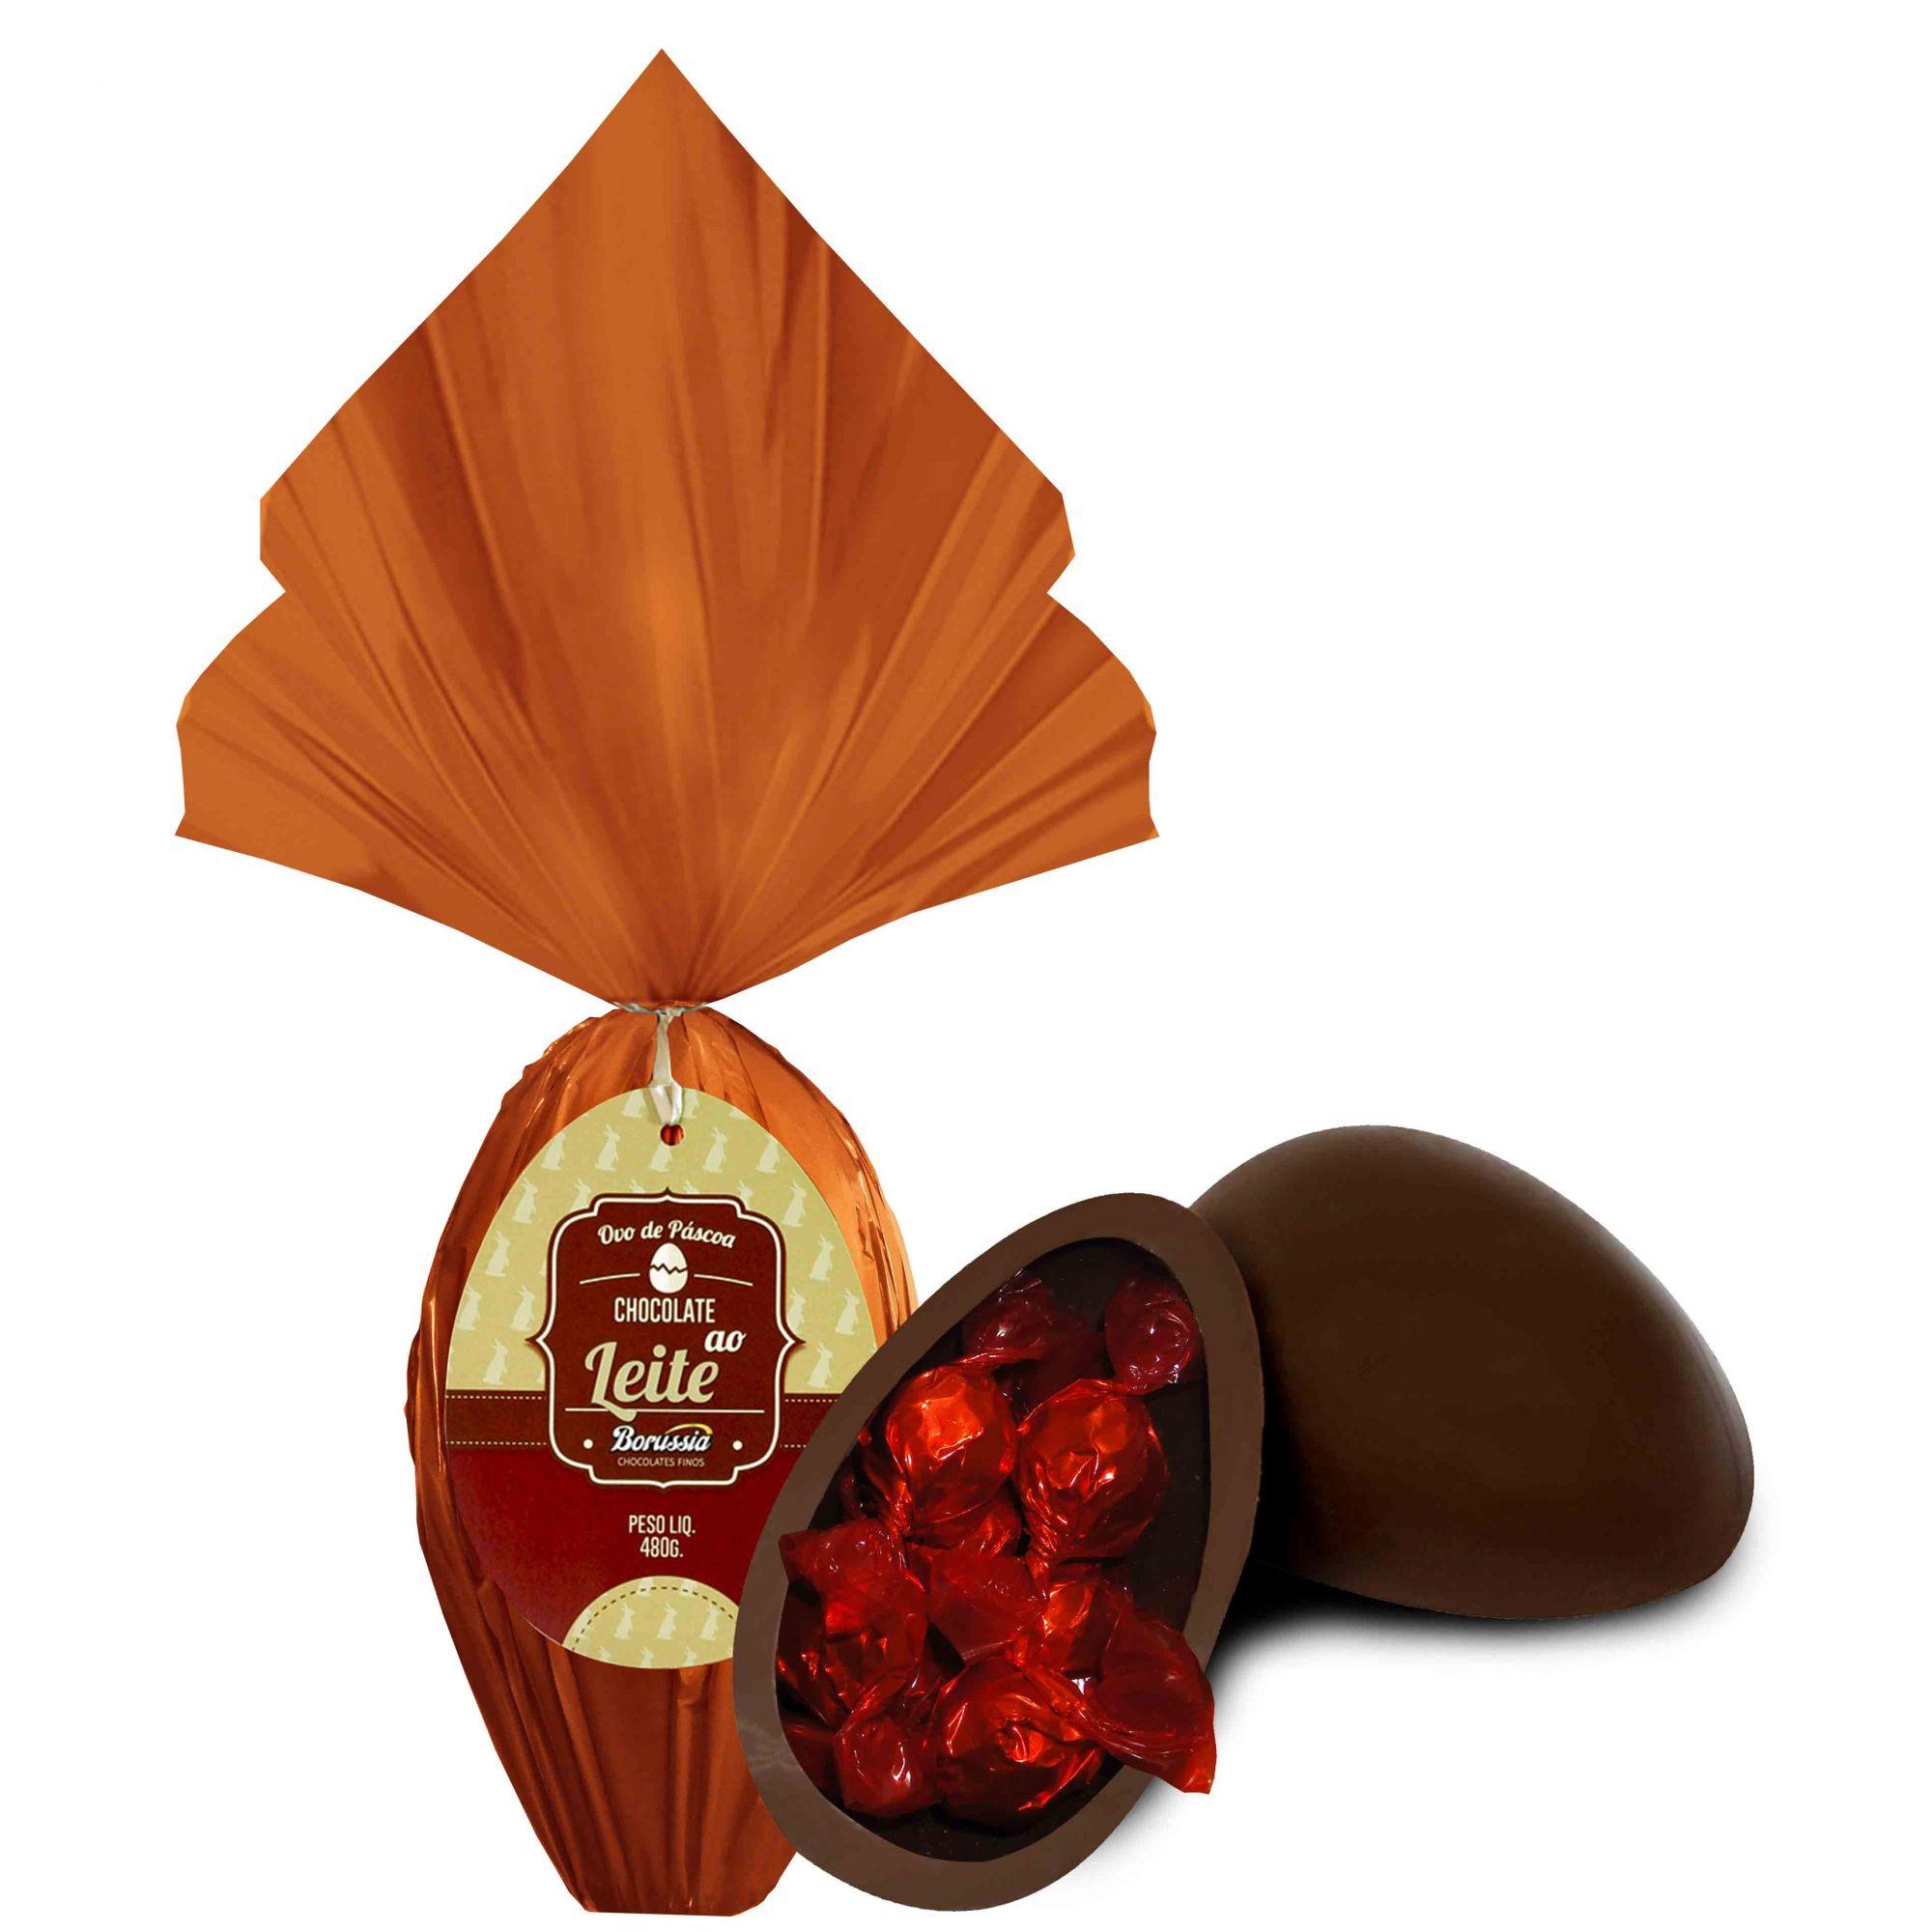 Ovo de Páscoa Chocolate ao Leite 480gr Unidade Borússia Chocolates